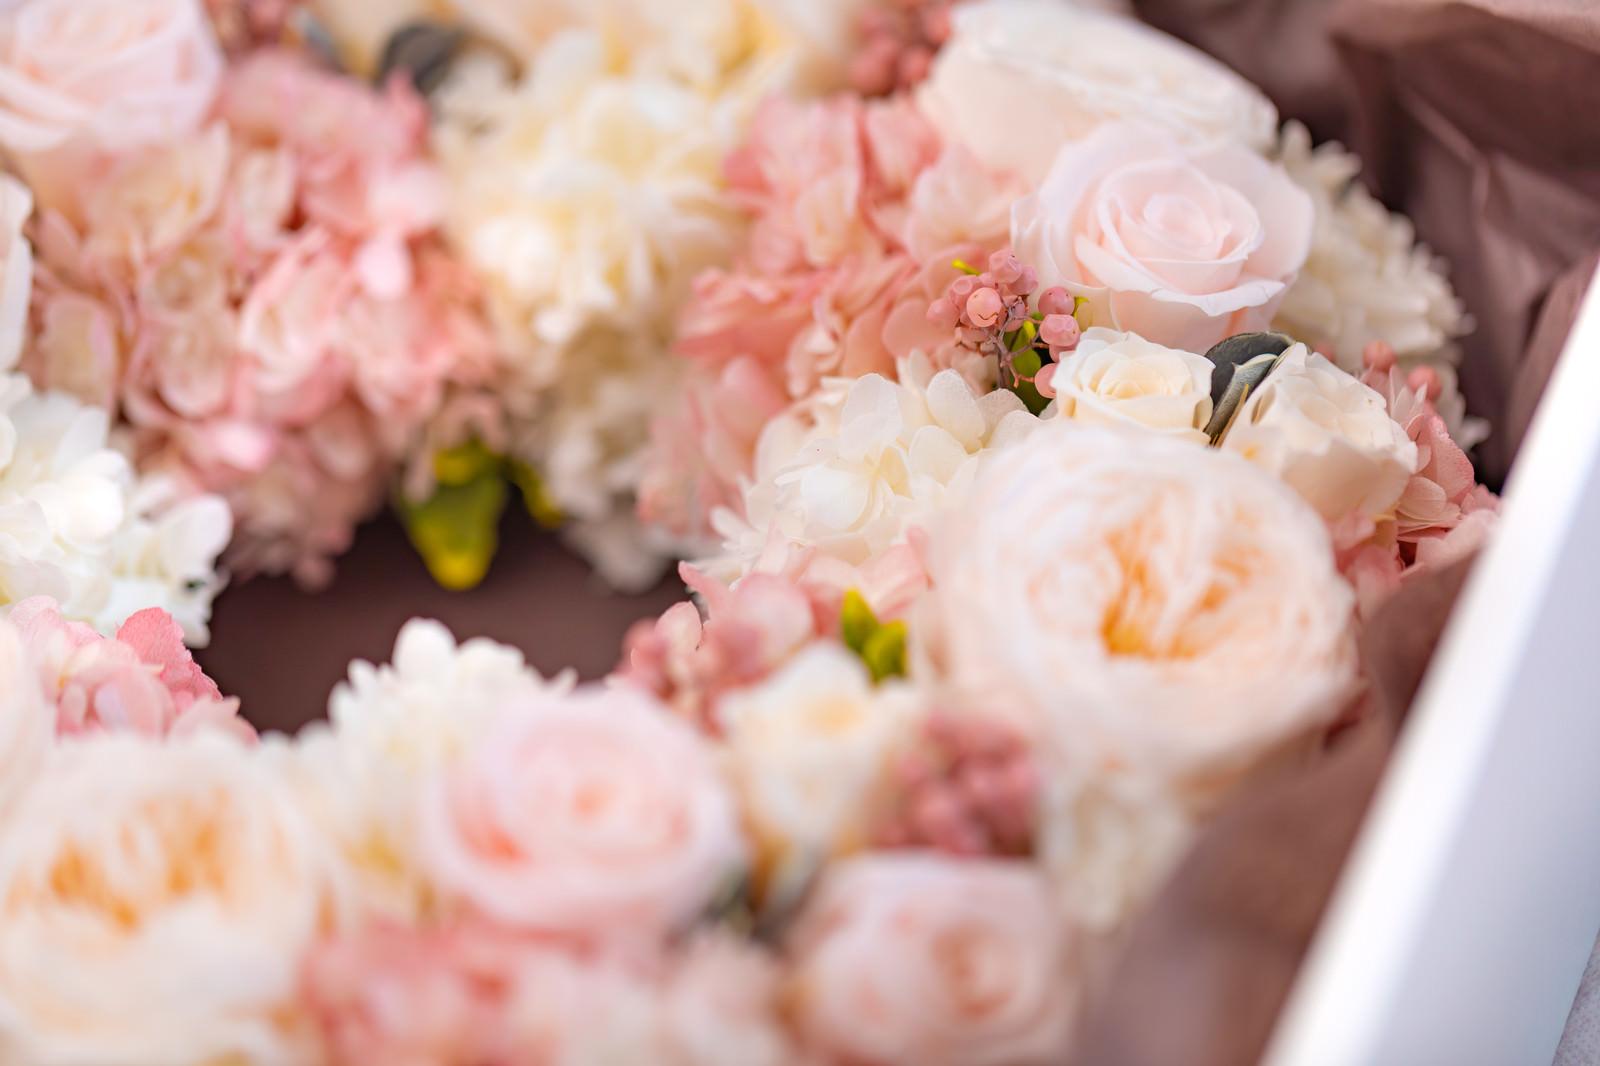 「ピンク色のプリザーブドフラワー」の写真